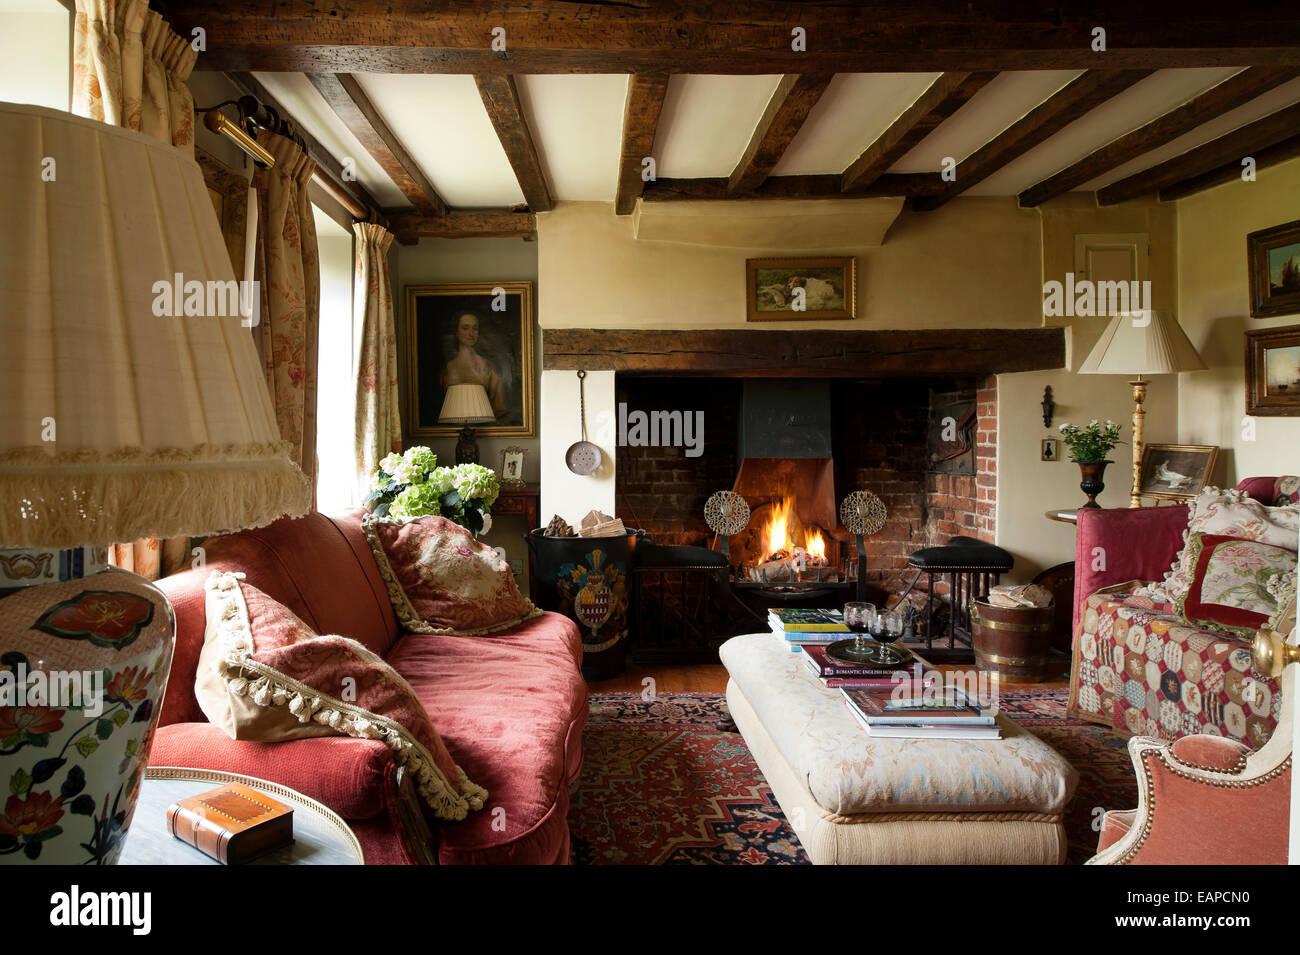 inglenook kamin im gem tlichen wohnzimmer mit original balkendecke und rotes sofa stockfoto. Black Bedroom Furniture Sets. Home Design Ideas